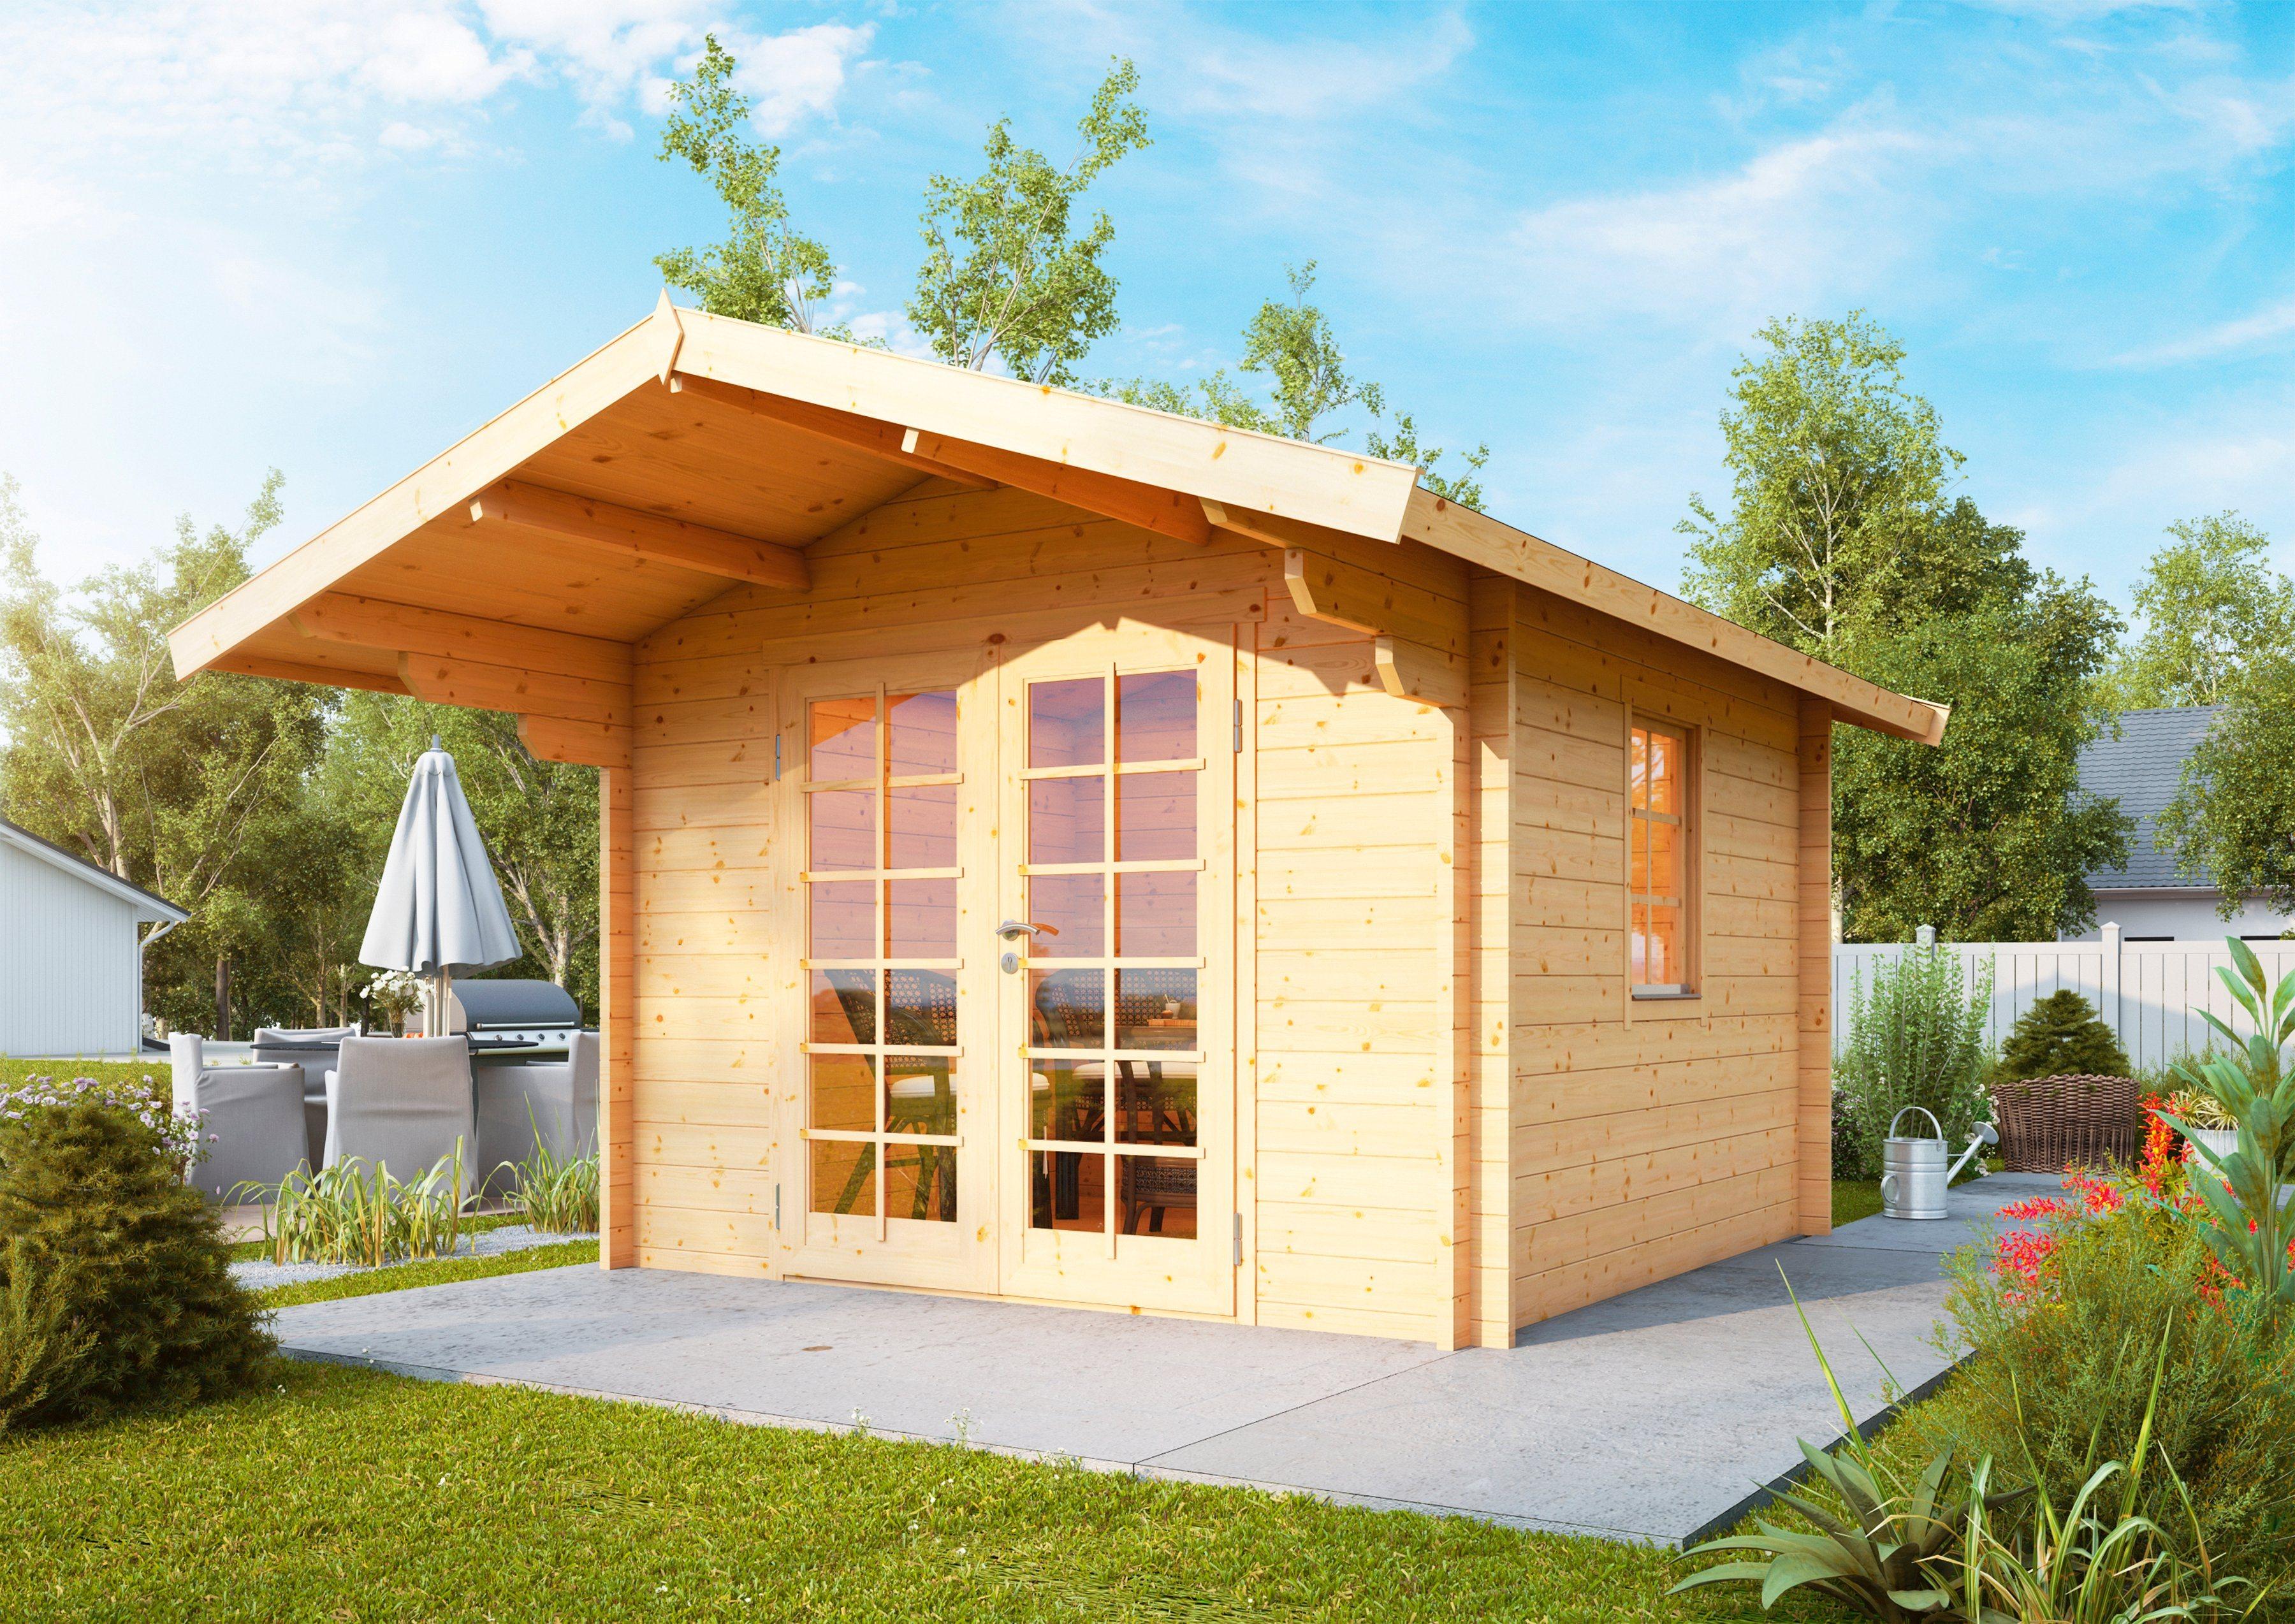 WOLFF Gartenhaus »Bergen 44-A«, BxT: 360x395 cm | Garten > Gartenhäuser | Wolff